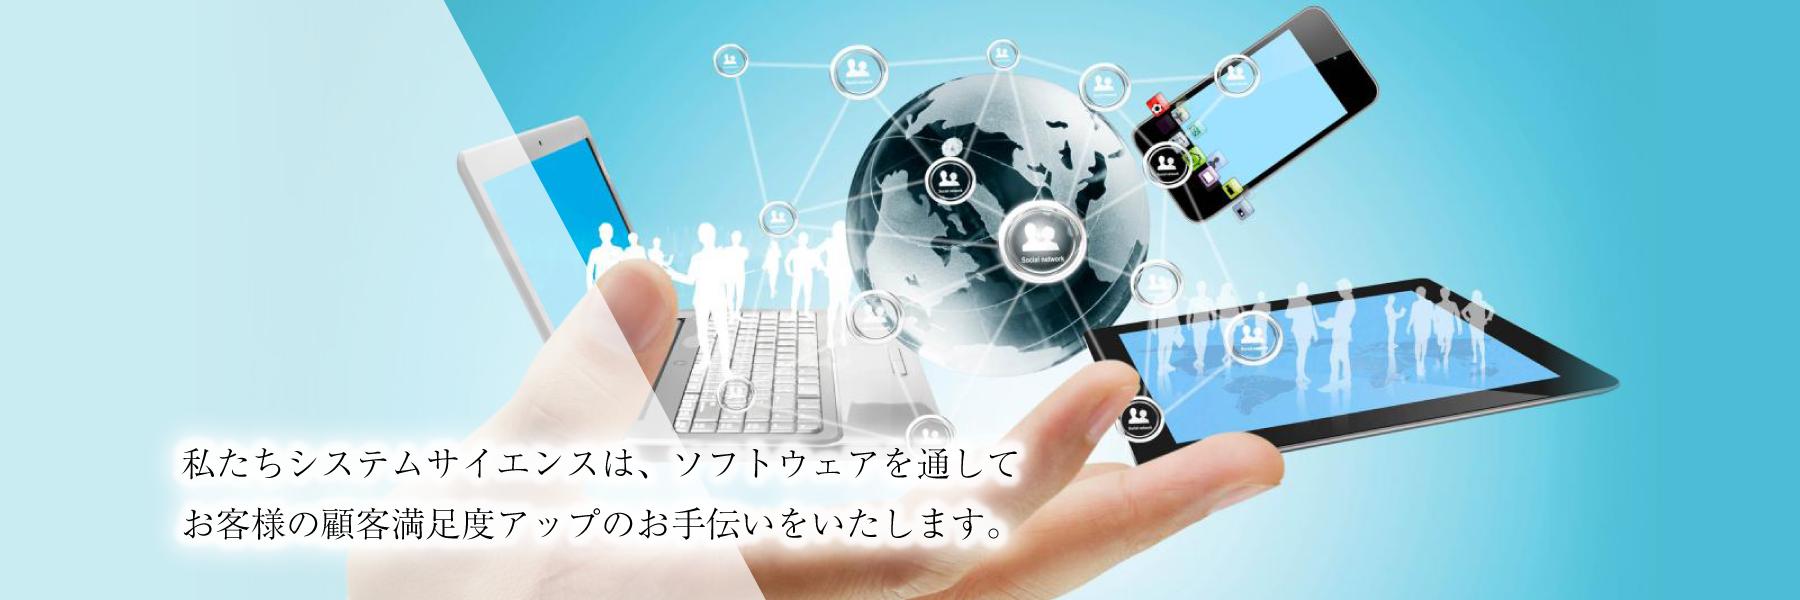 ソフトウェアを通して顧客満足と売上アップ